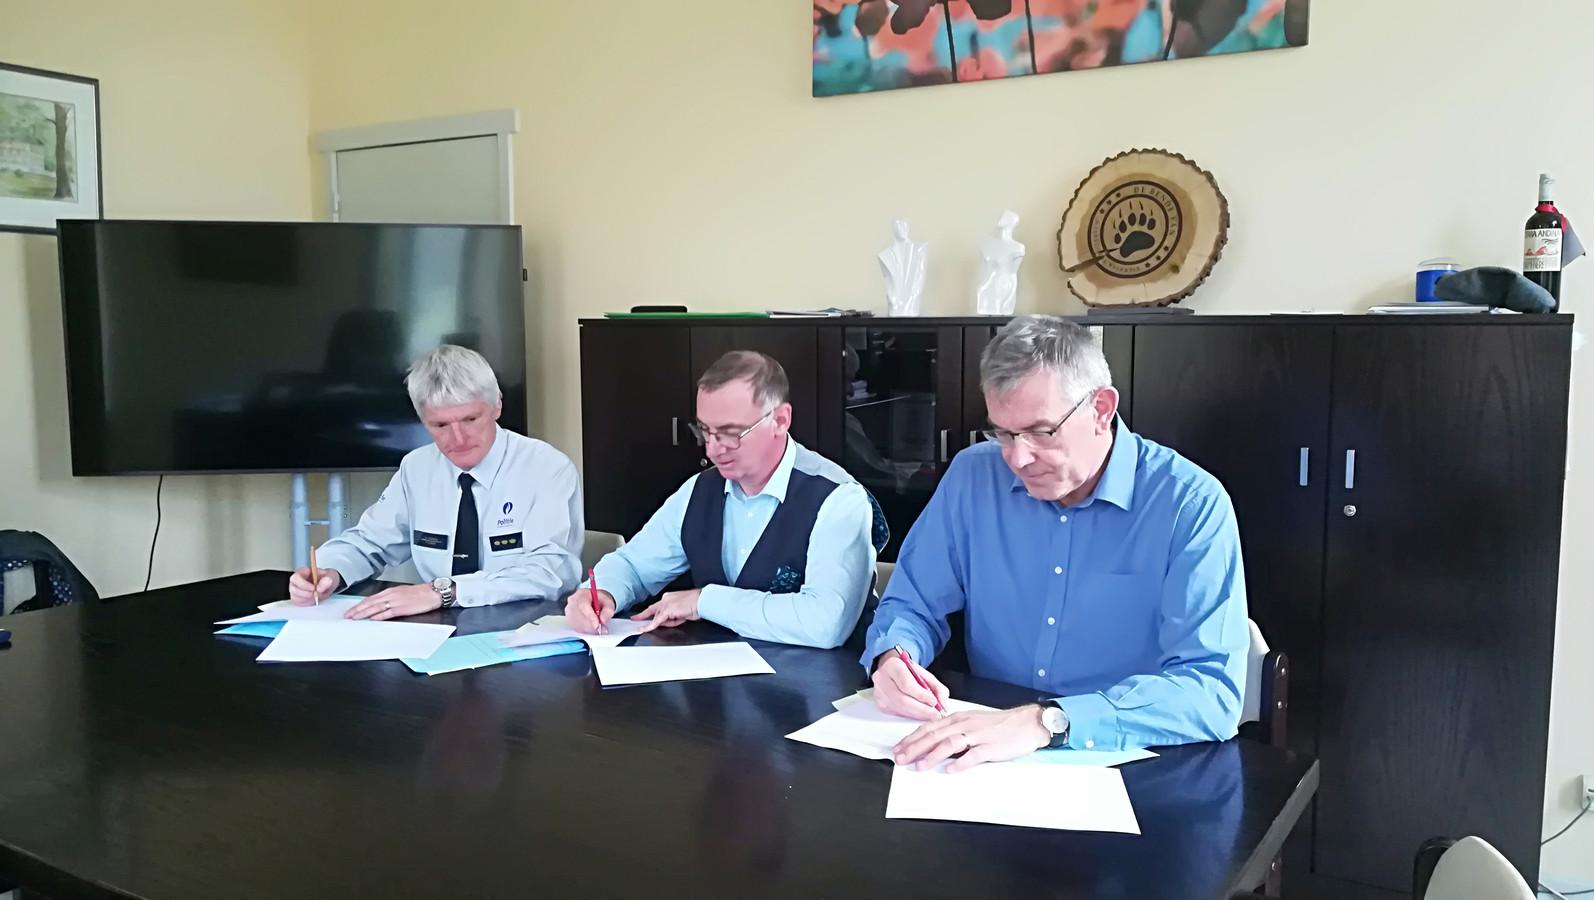 BIN-netwerk Neervelp vlnr: korpschef Walter Vranckx, BIN-coördinator Yves Vanhoebroek en burgemeester Chris Vervliet.